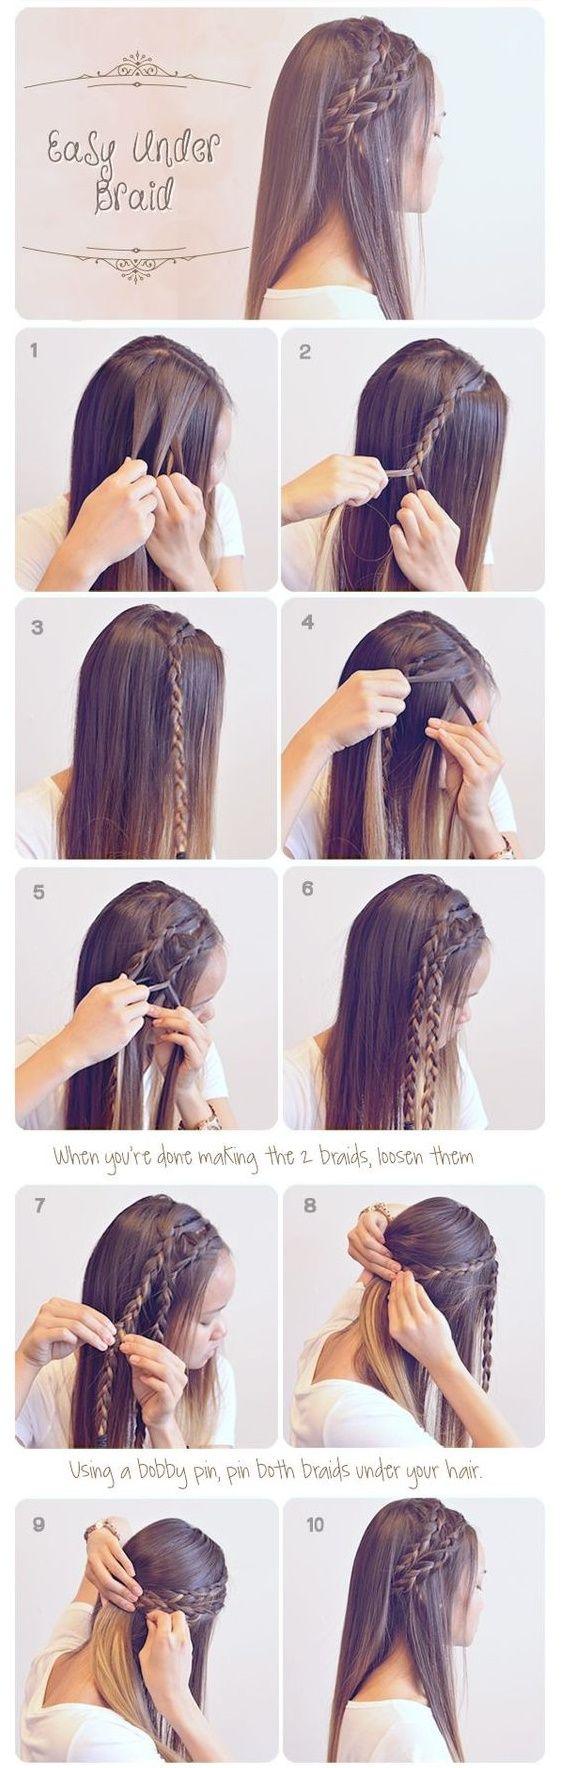 Peinados boho que tienes que intentar ya hair style ideas para